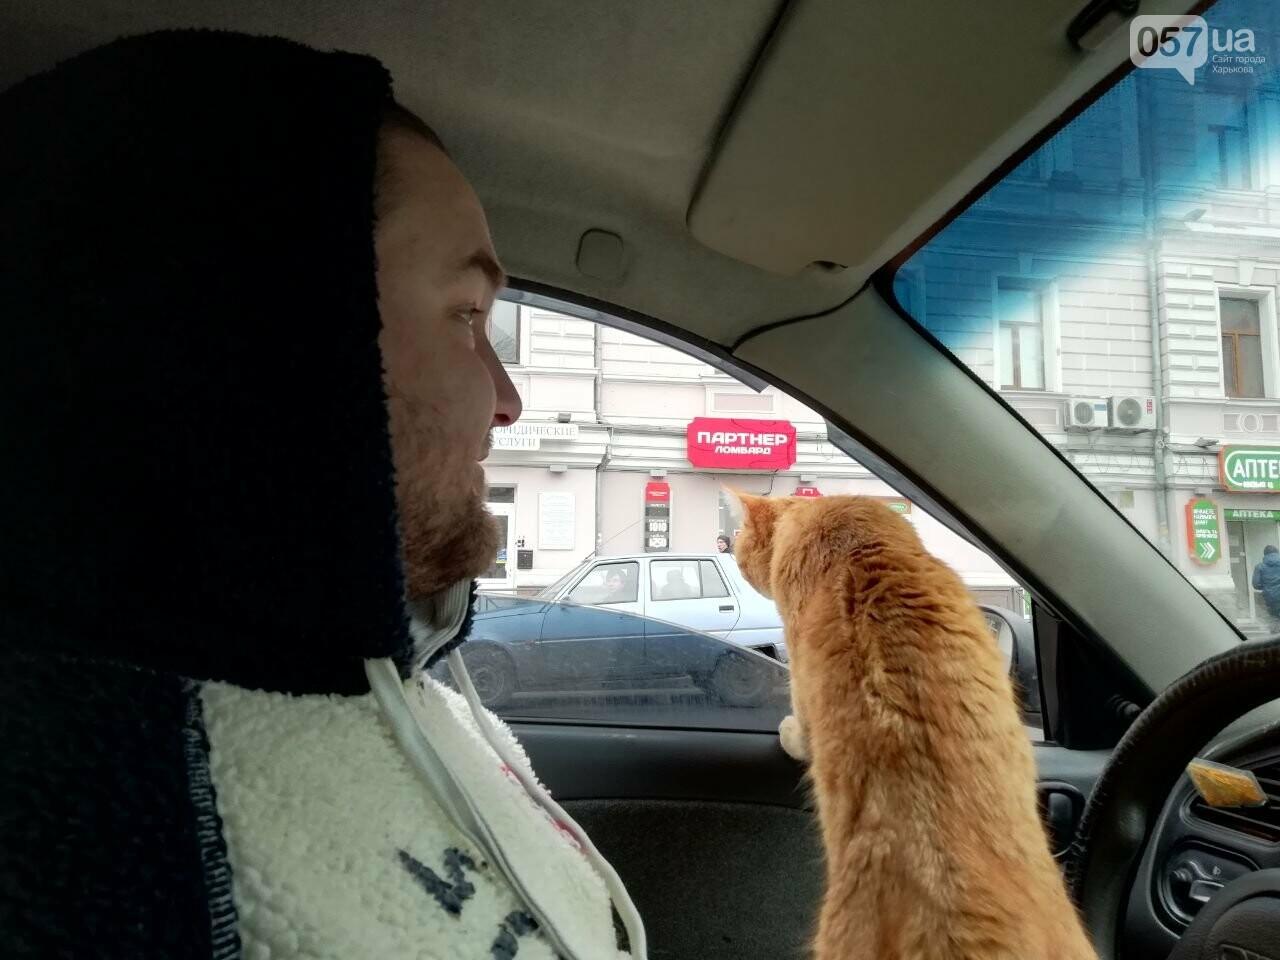 Поездка с котом и большие чаевые. Как харьковский таксист с питомцем возит пассажиров, - ФОТО, фото-16